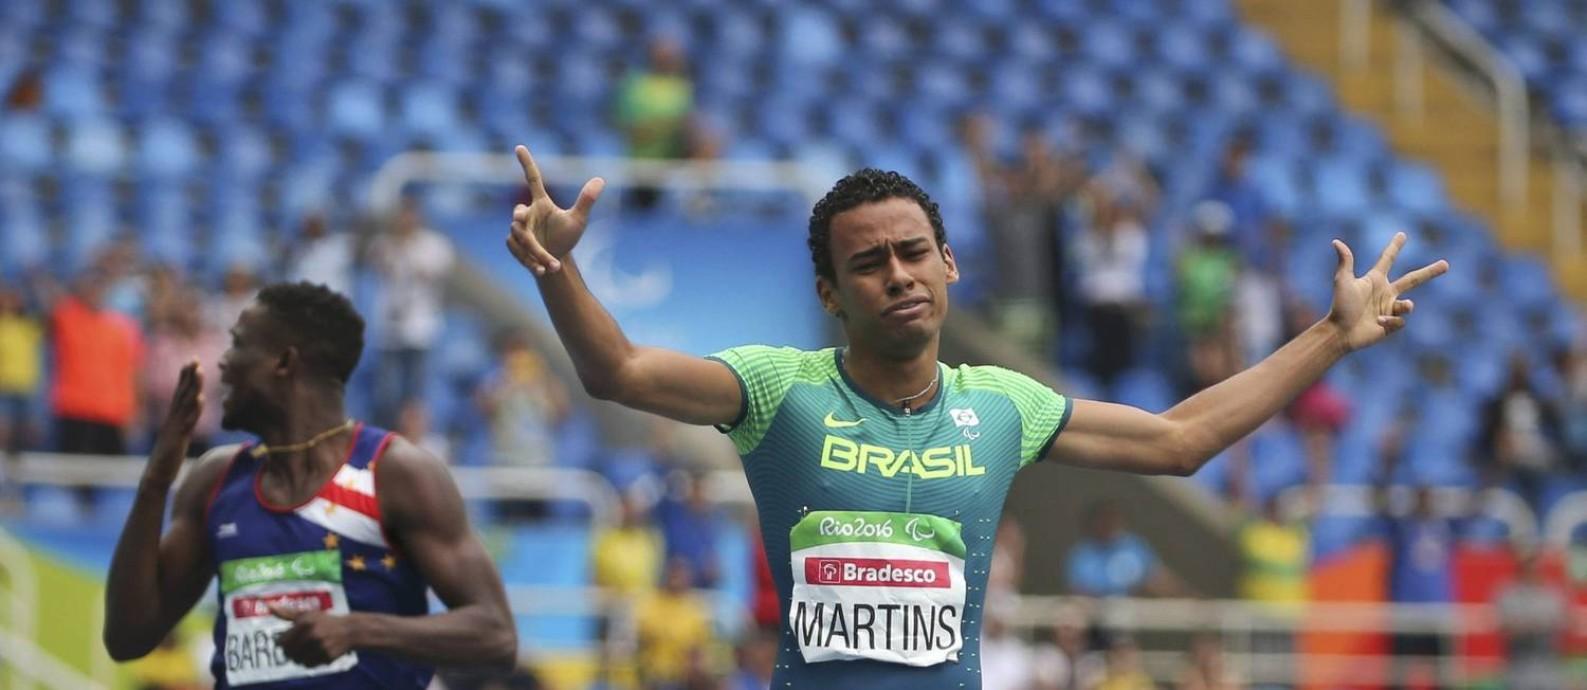 Daniel Martins conquista o terceiro ouro do Brasil na Paralimpíada Foto: REUTERS/Sergio Moraes